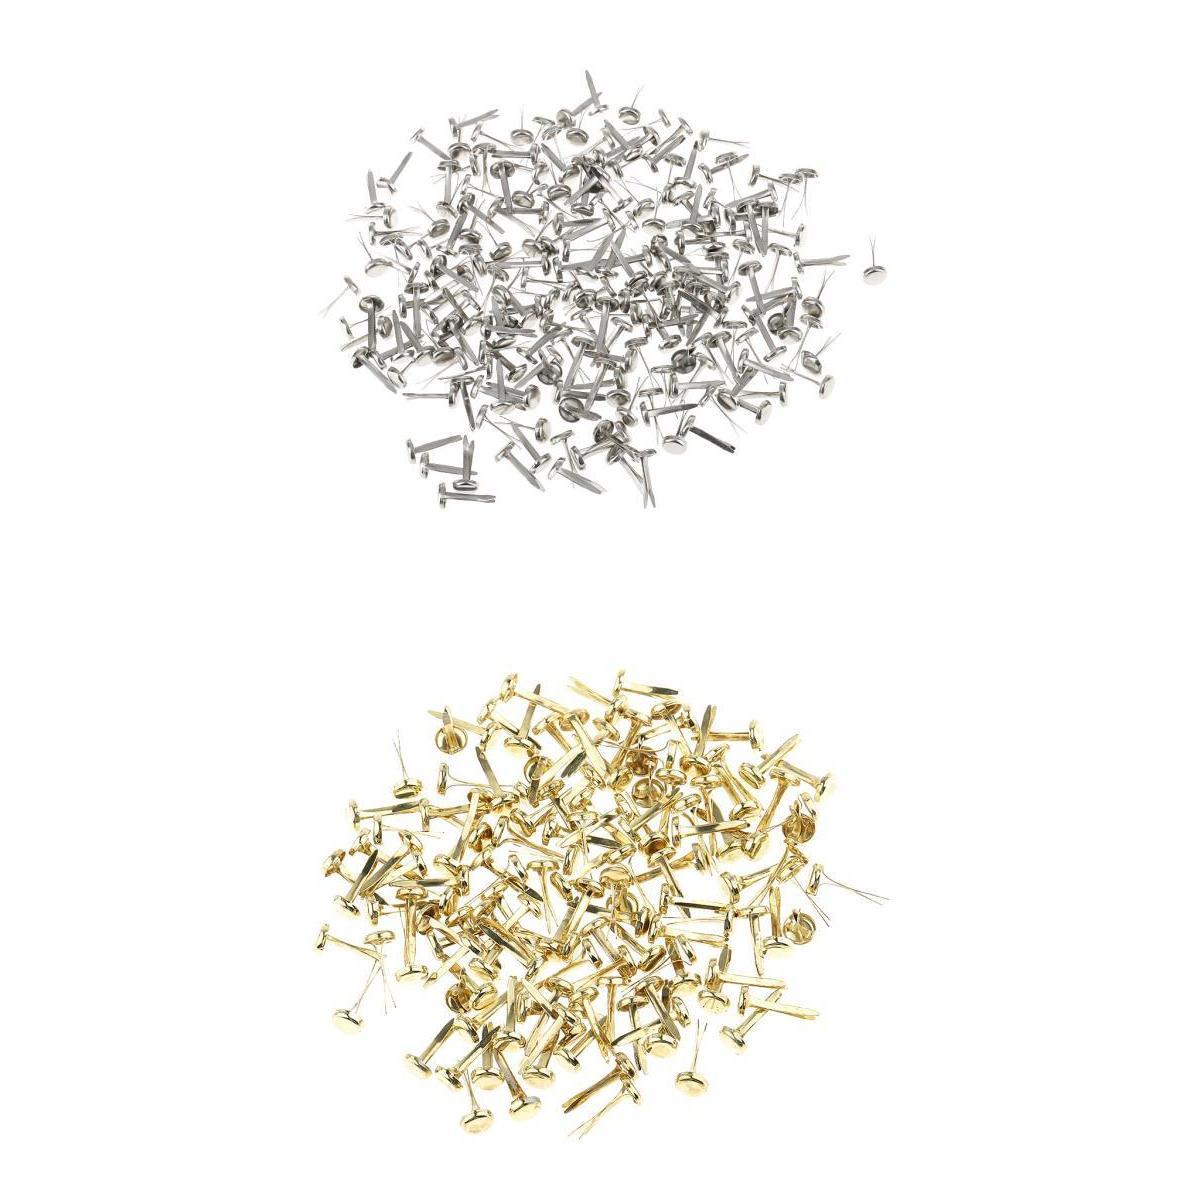 400 шт. Металл Железо Брадсы Бумага Крепежи для Скрапбукинг Craft цвета: золотистый, серебристый ...